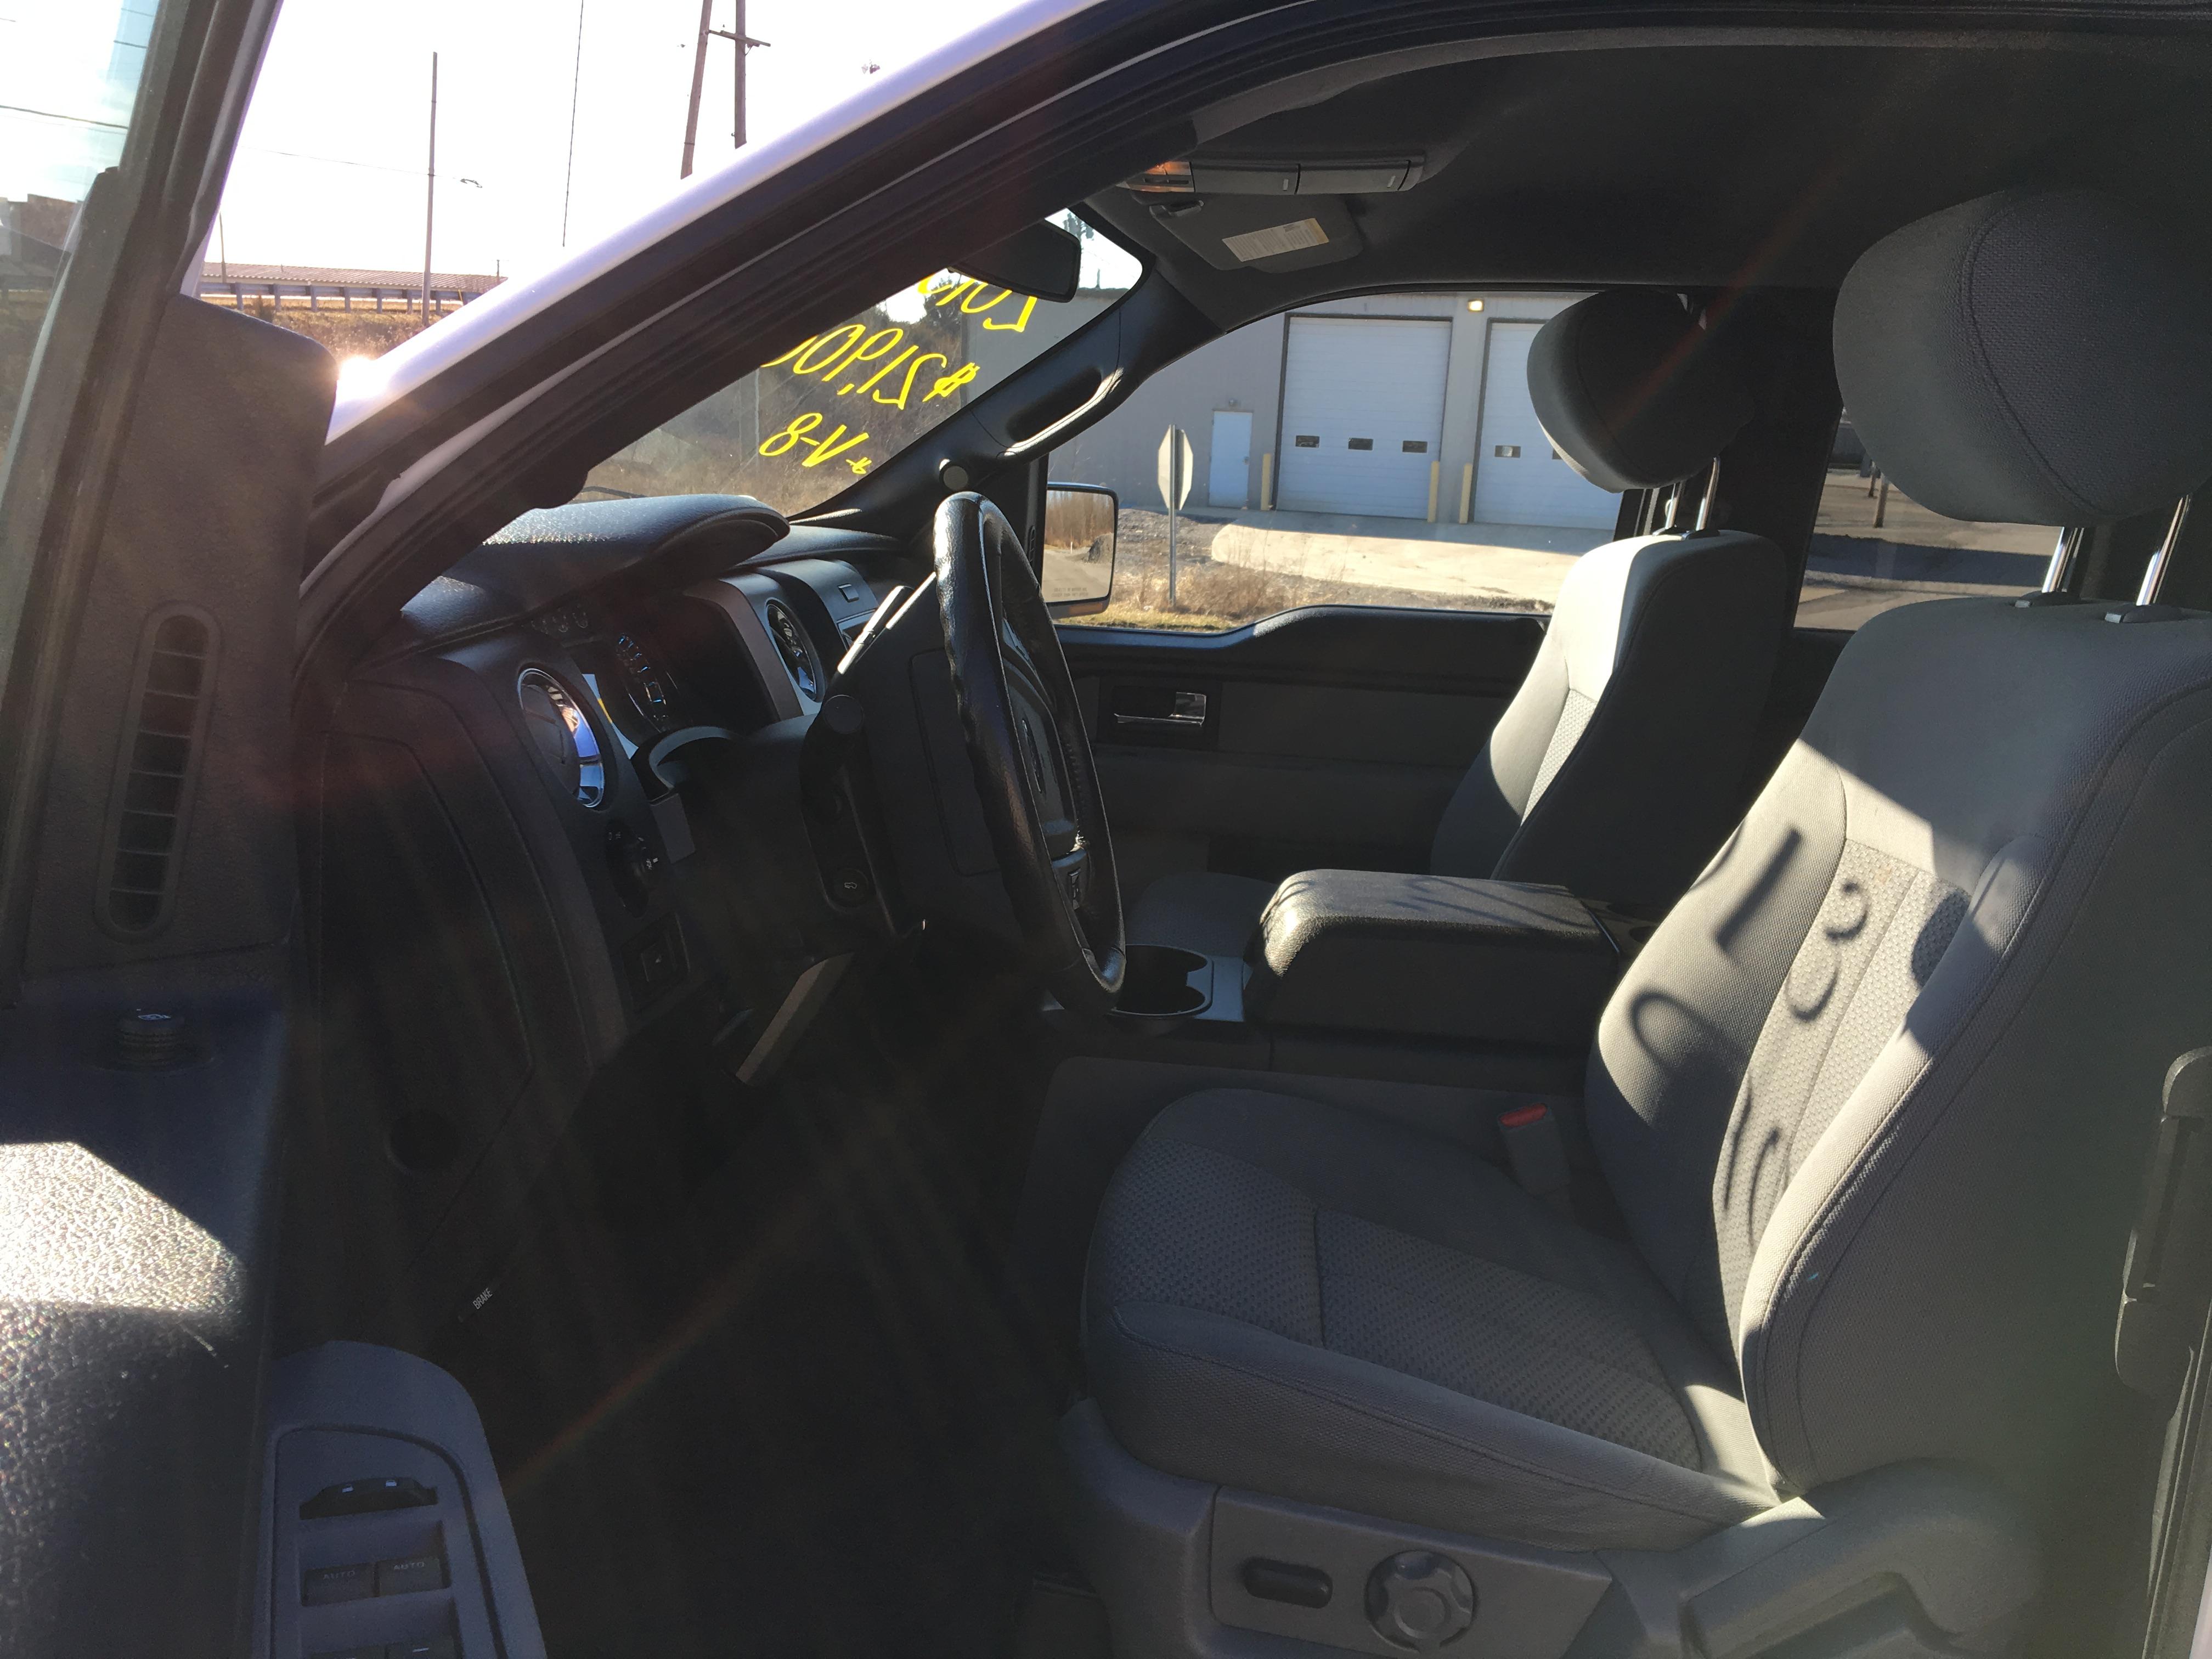 2013 Ford F-150 XLT 4X4 Supercab